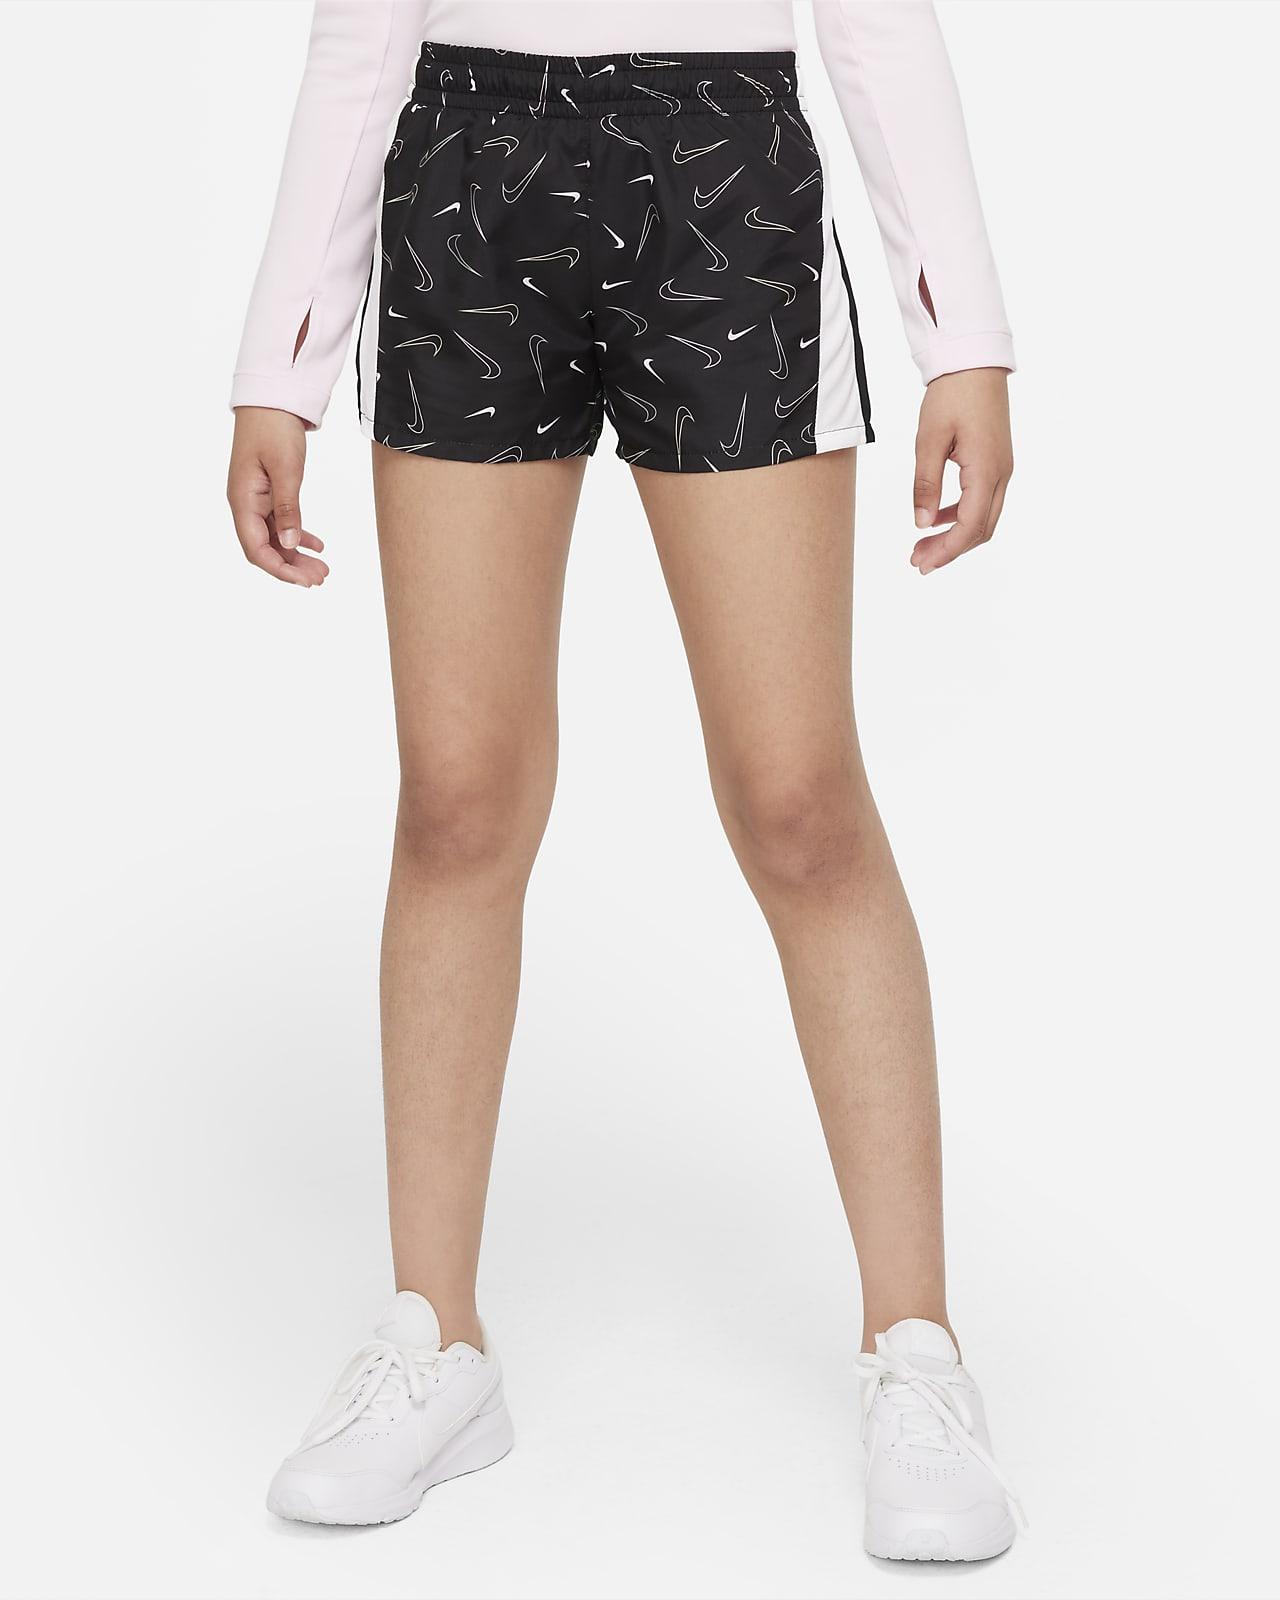 Nike Dri-FIT 10K2 Older Kids' (Girls') Printed Running Shorts